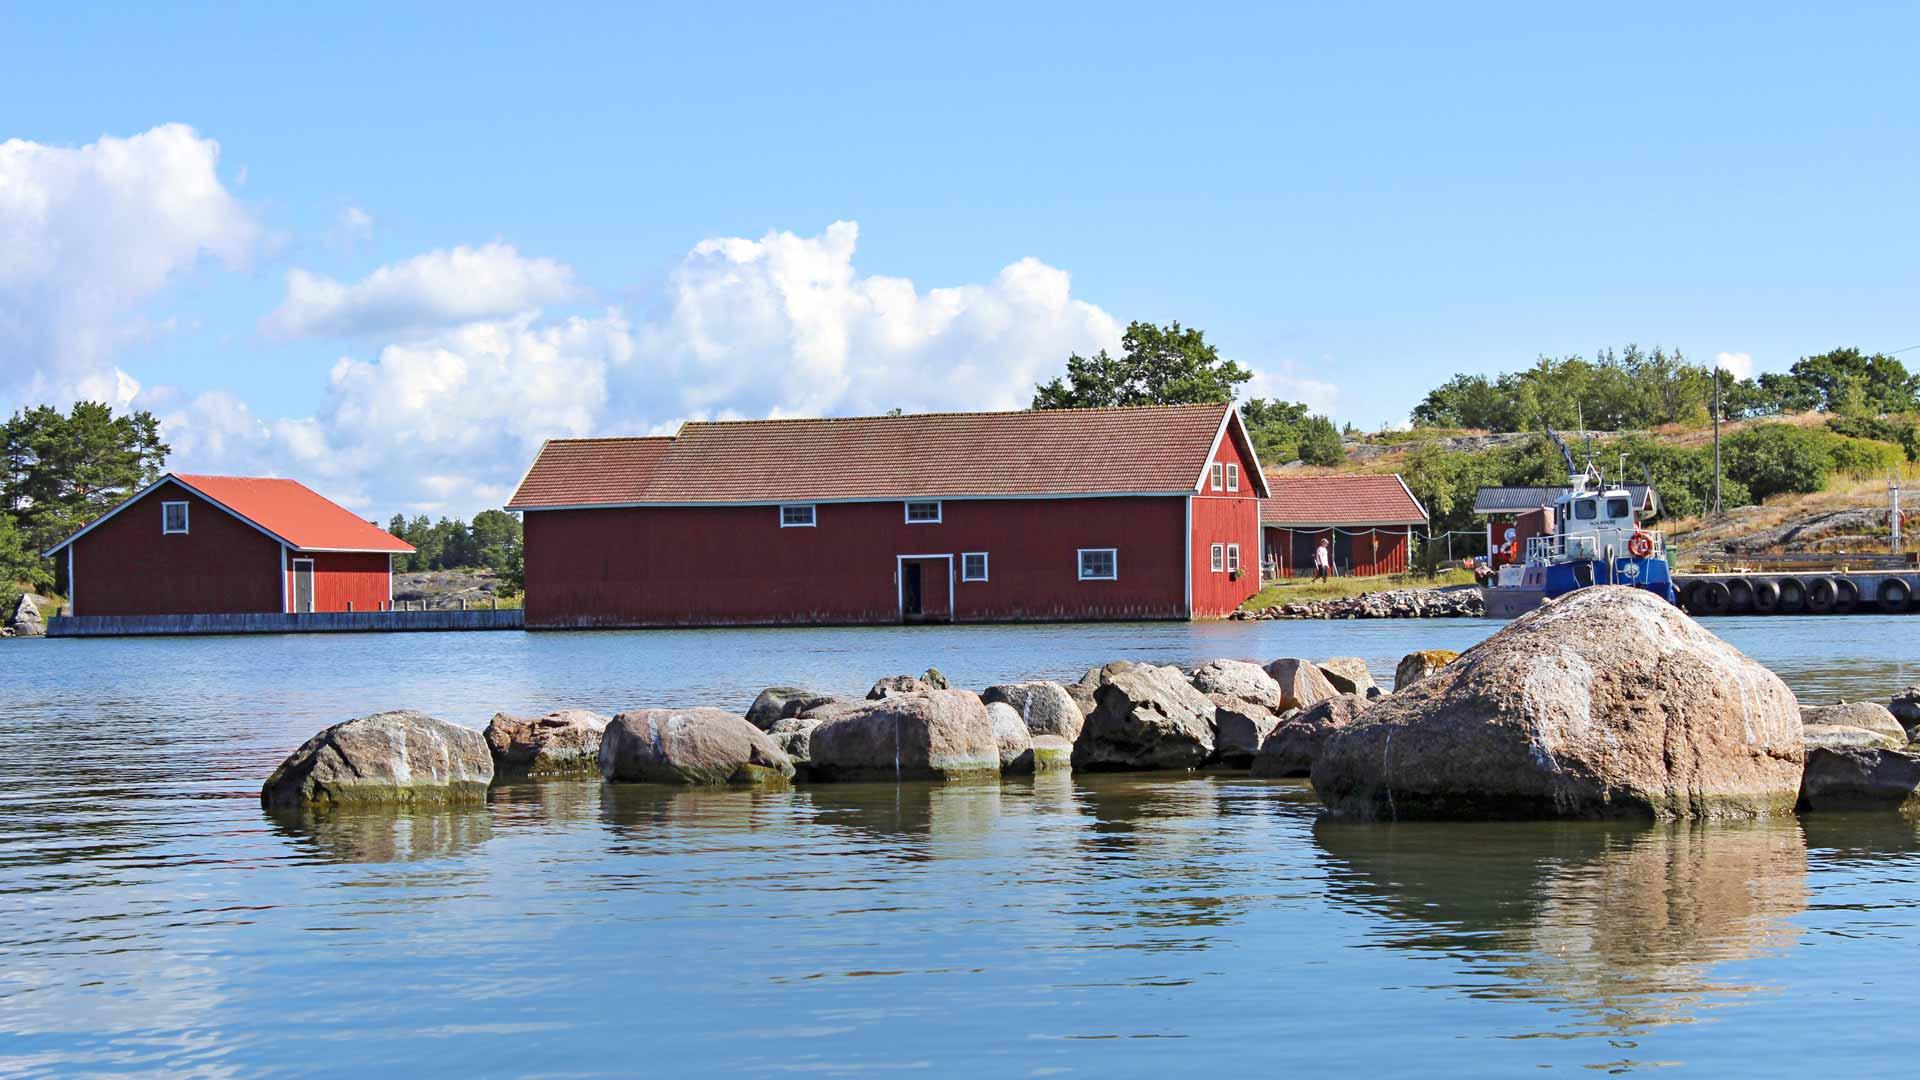 Stenskärin saaristokylä